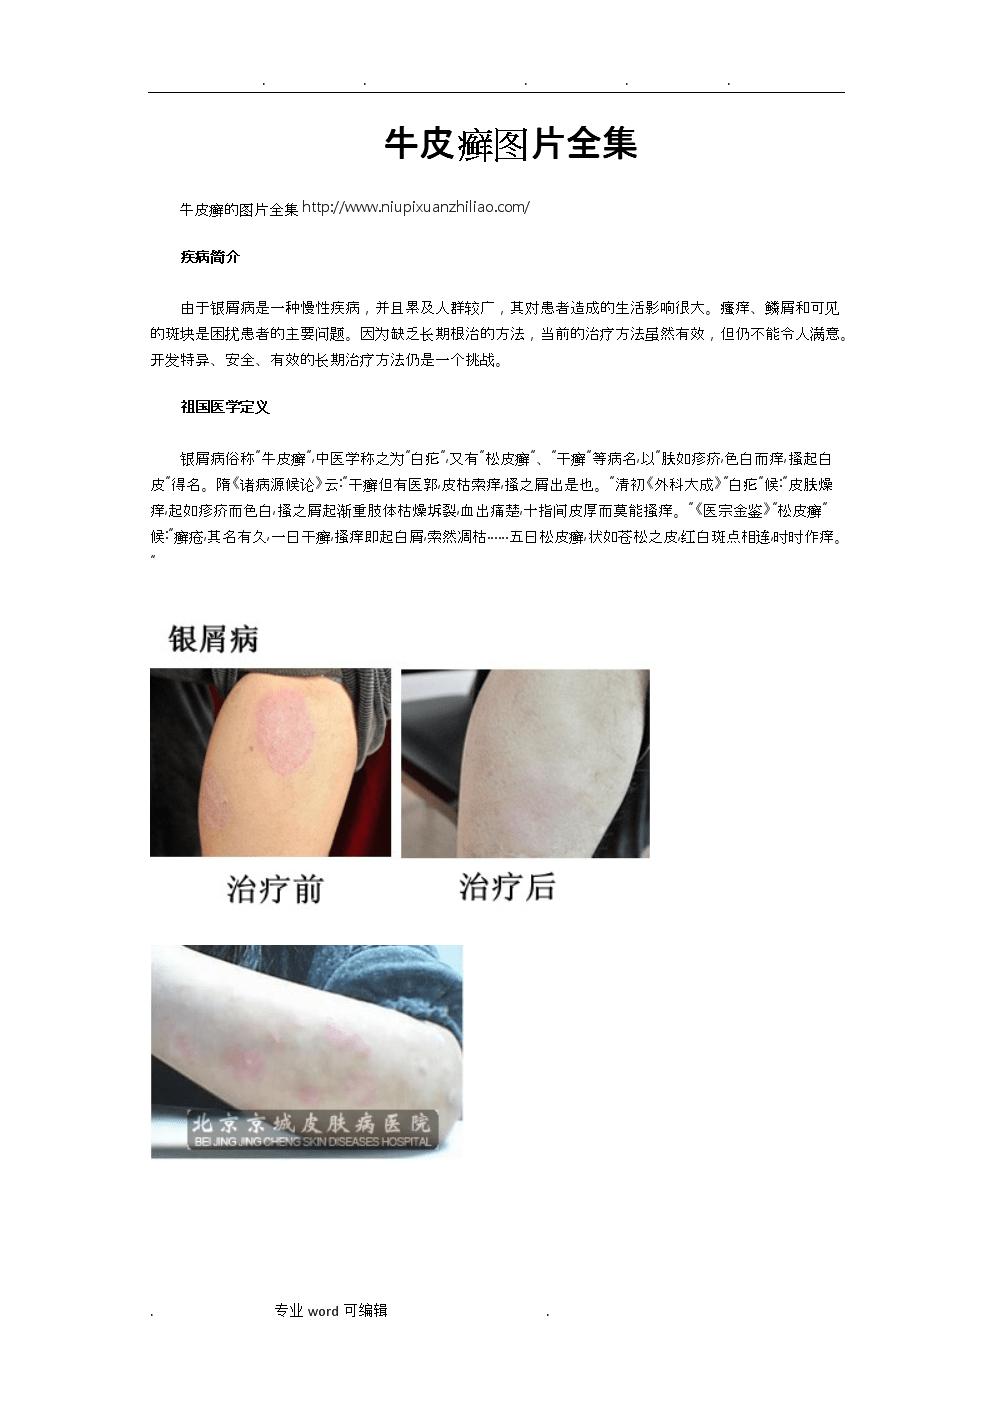 牛皮癣图片全集.doc